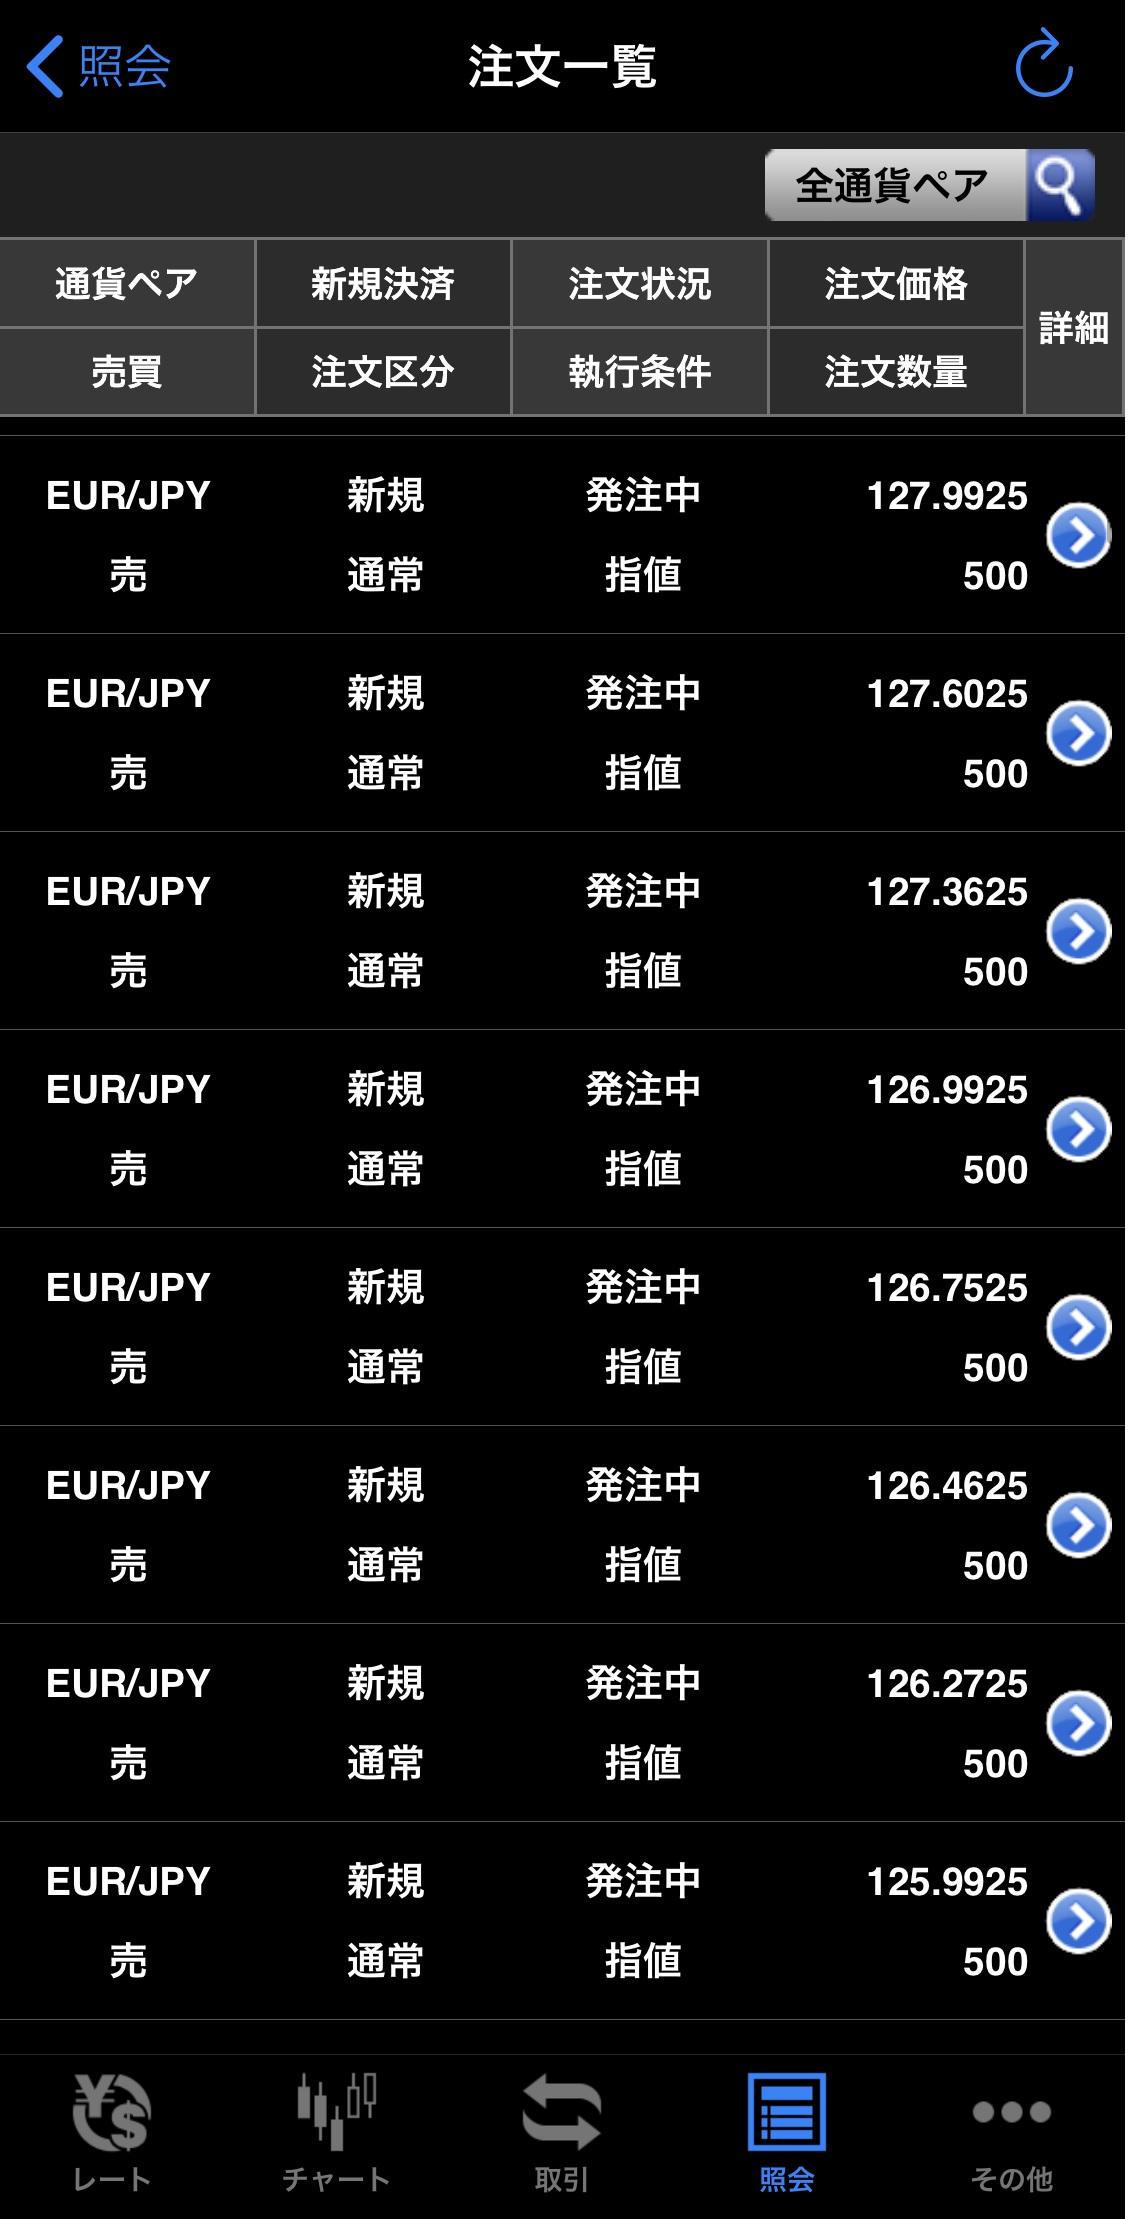 ユーロ円売り